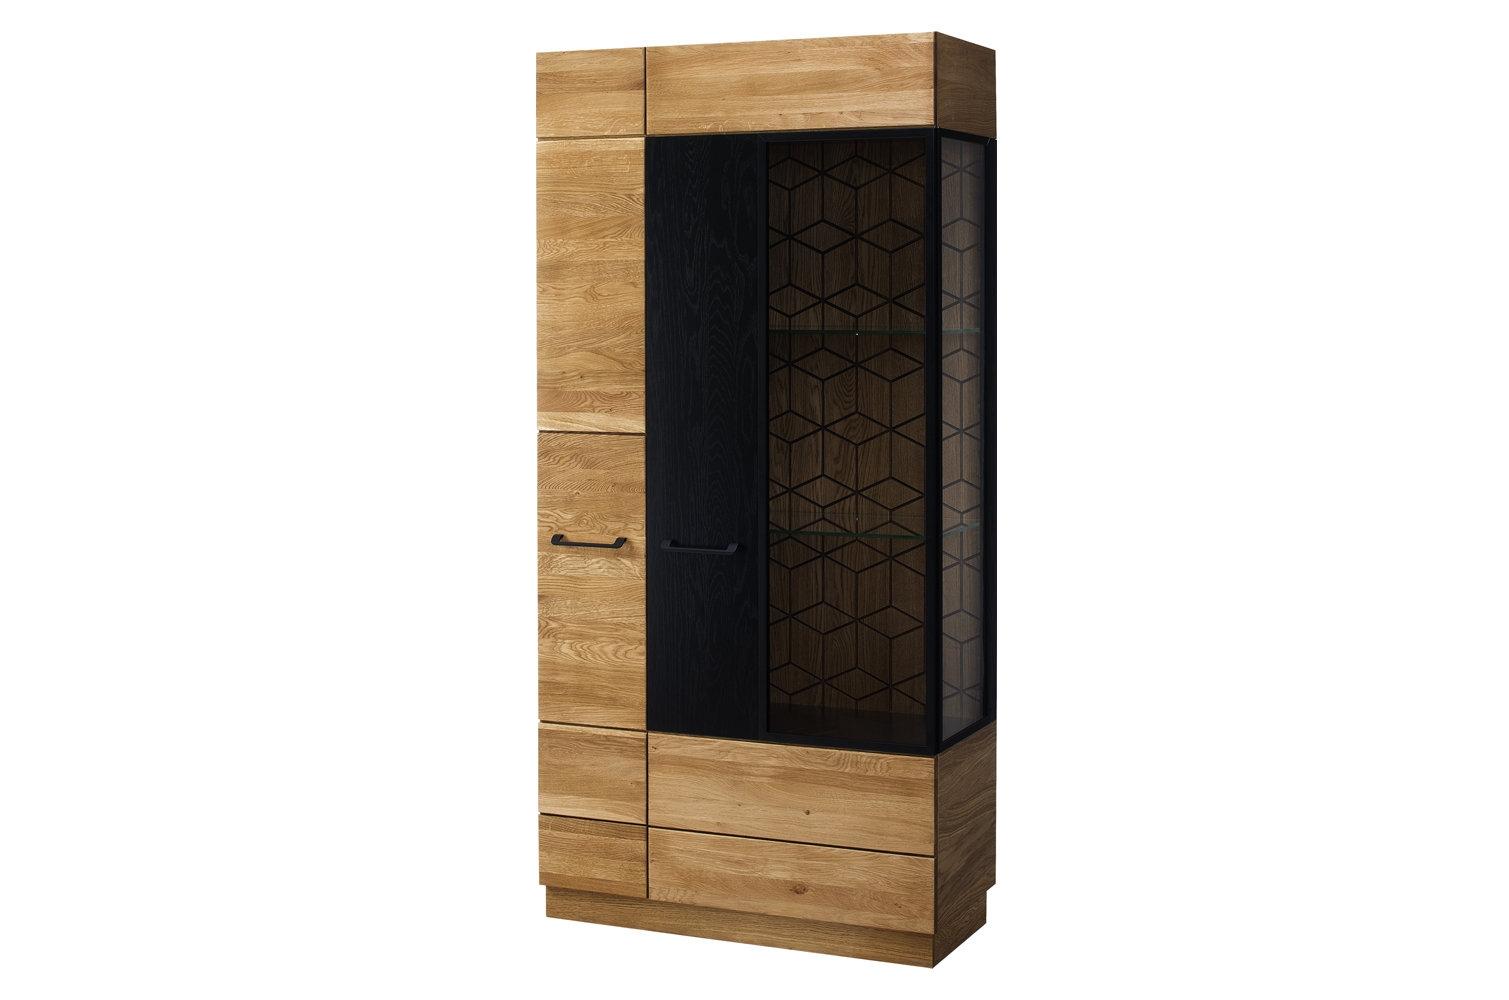 Vitrina din lemn si furnir, cu 2 usi Big Mosaic 12 Stejar / Negru, l95xA42xH196 cm imagine